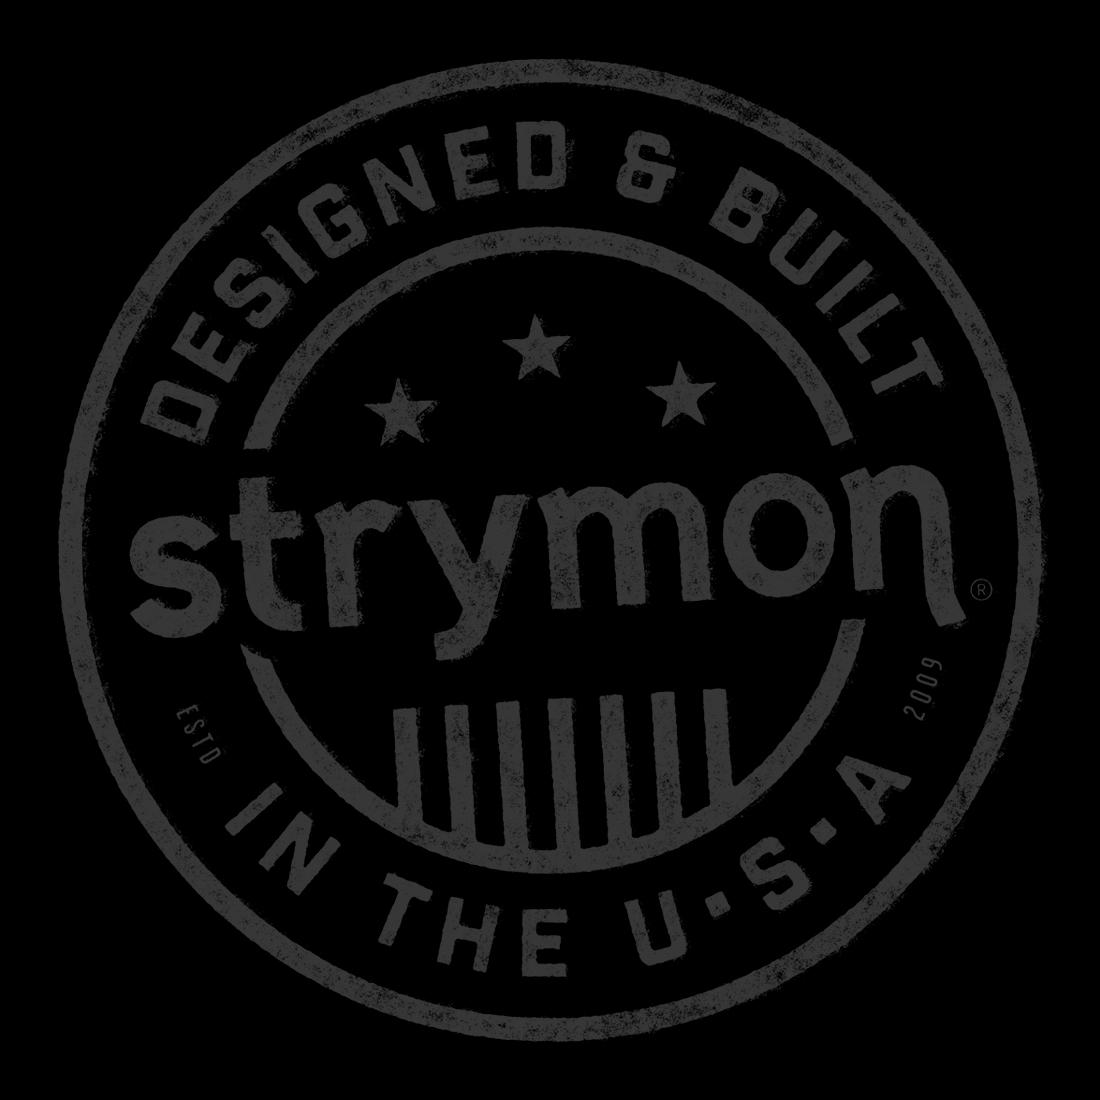 STRYMON USA